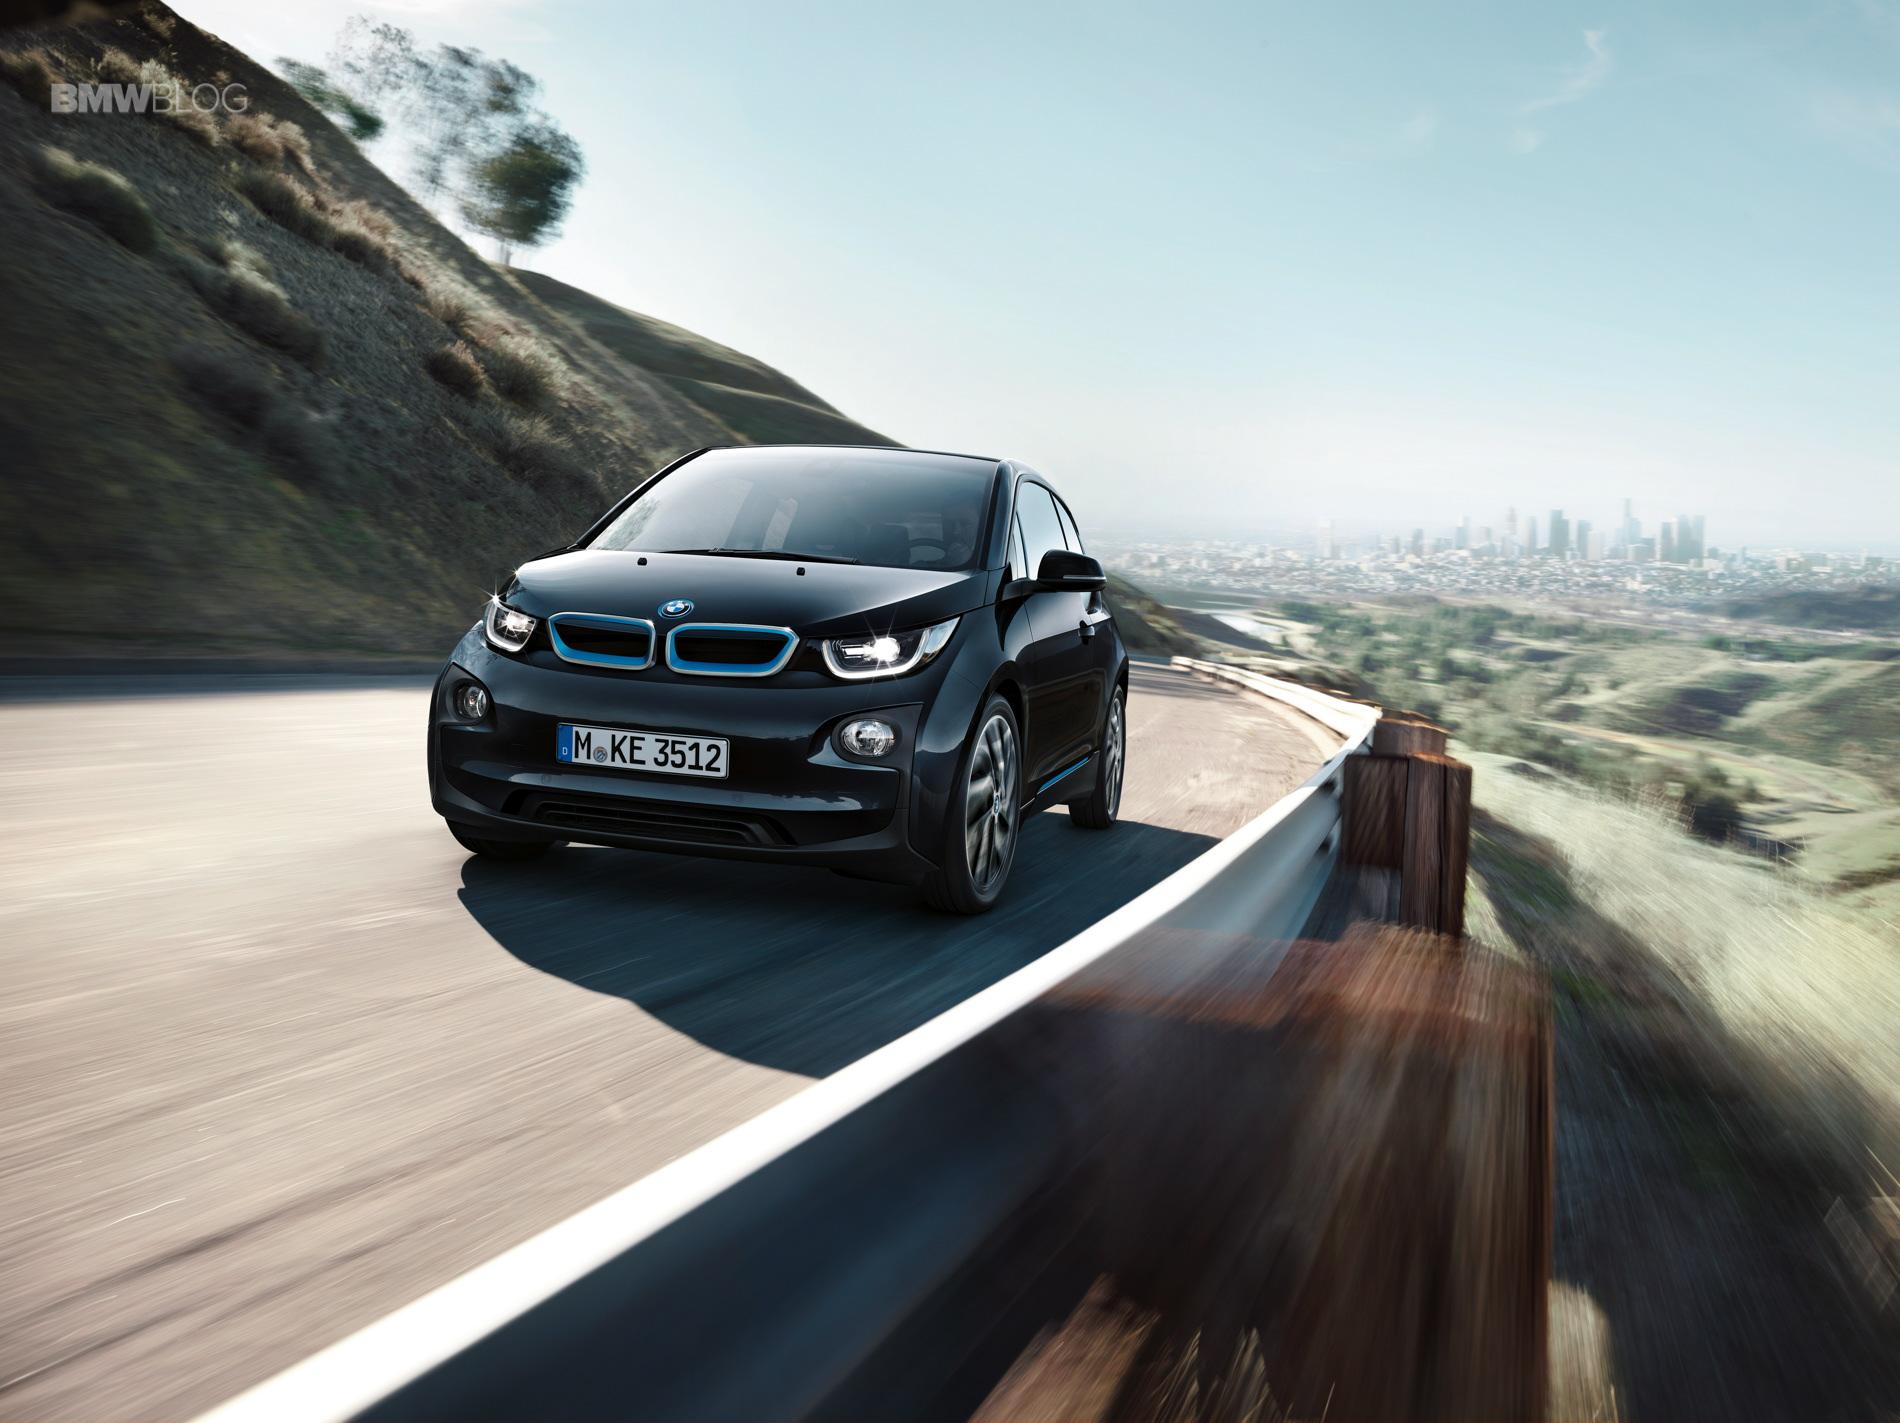 2017 BMW i3 5